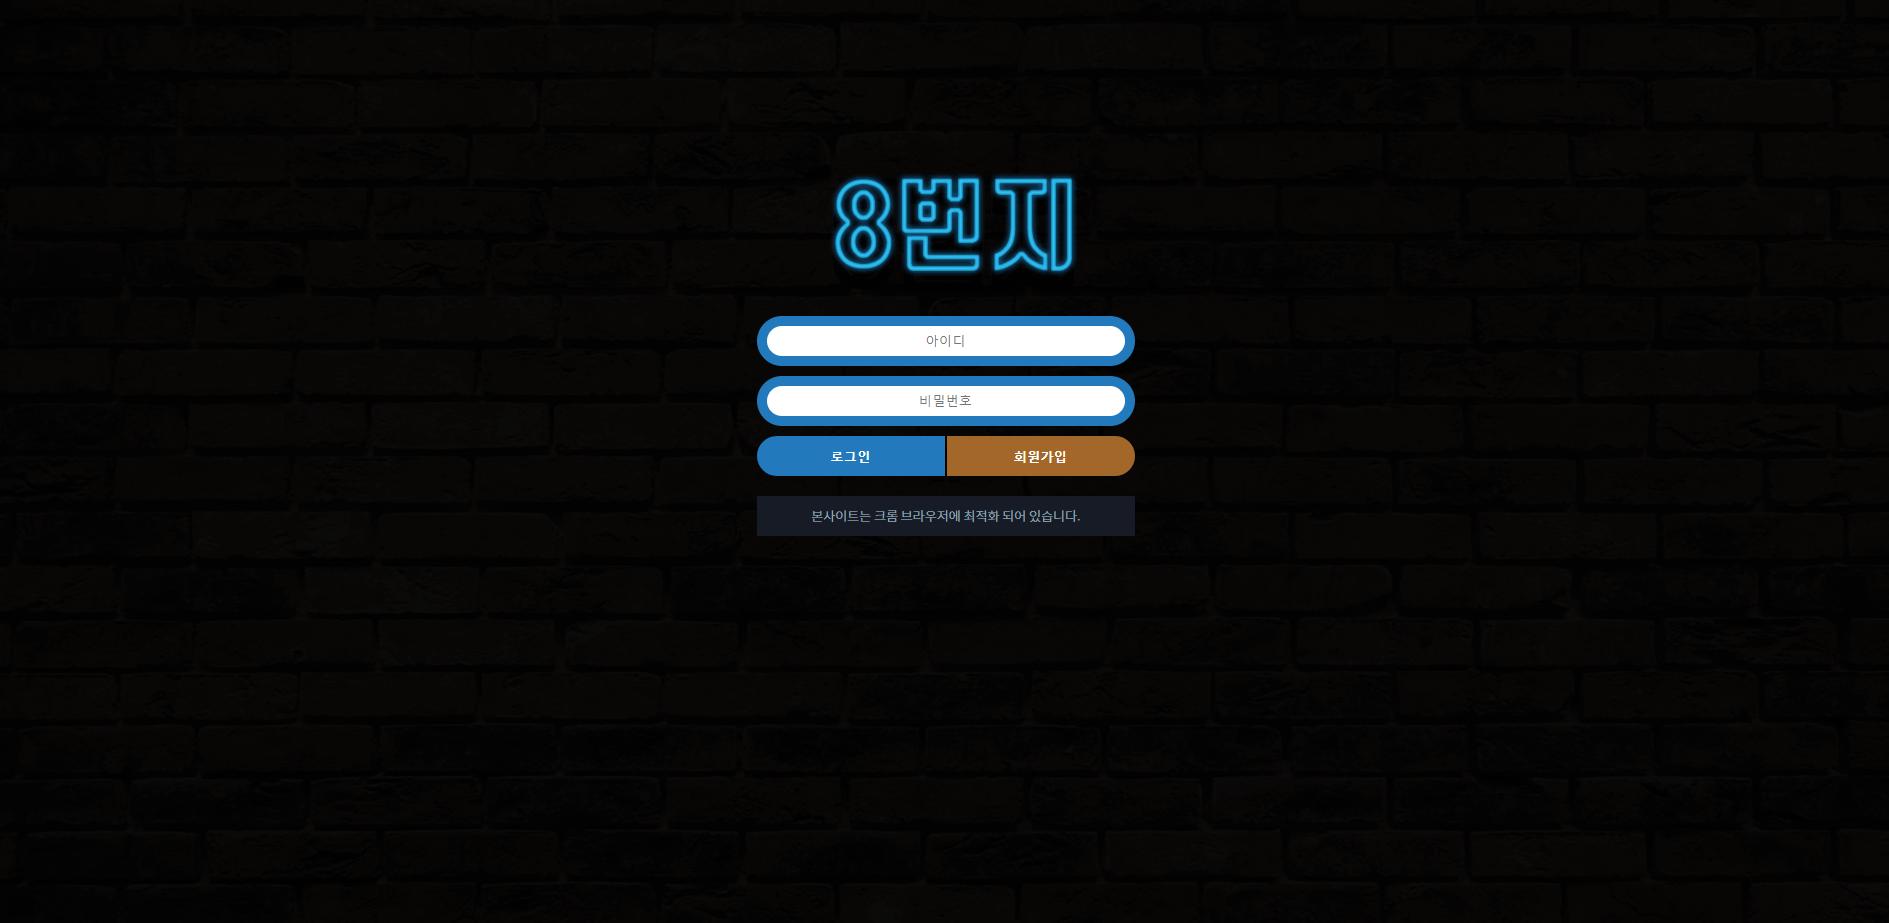 【먹튀사이트】8번지먹튀 8St-888.com 먹튀검증 토토먹튀 토토검증 토토사이트 토토커뮤니티 토토안내소